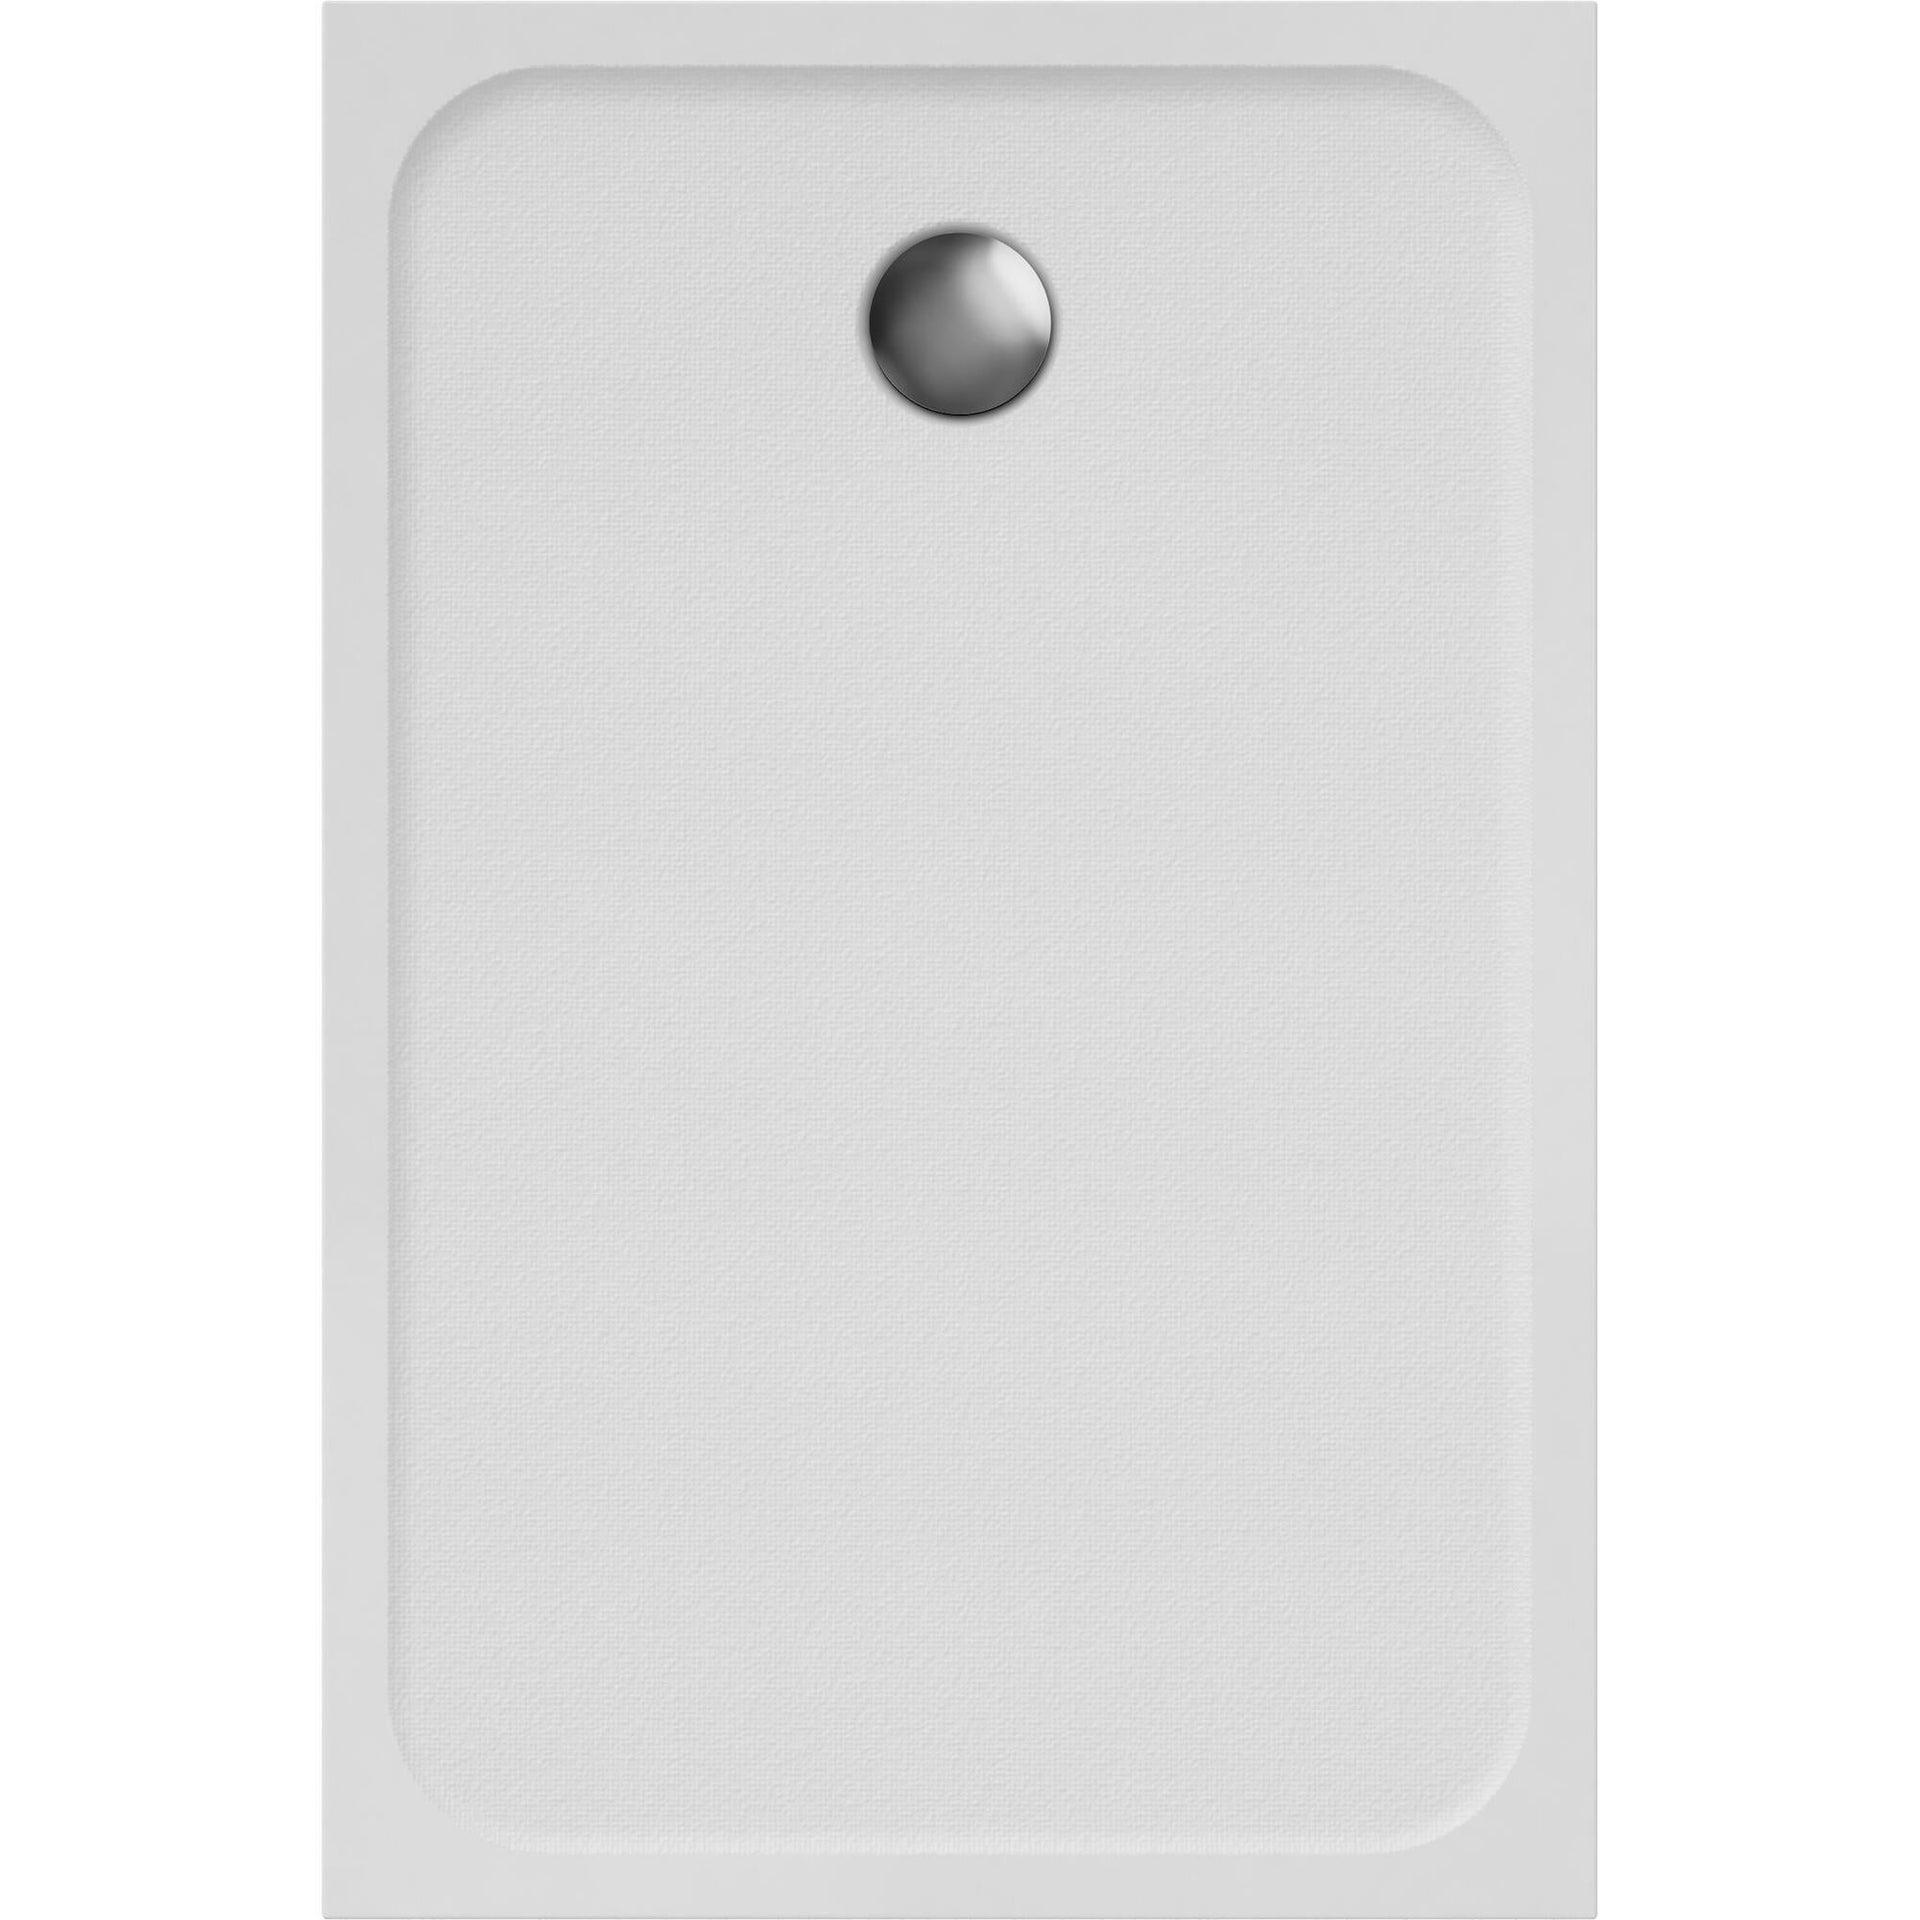 Piatto doccia resina sintetica e polvere di marmo Easy 80 x 120 cm bianco - 2